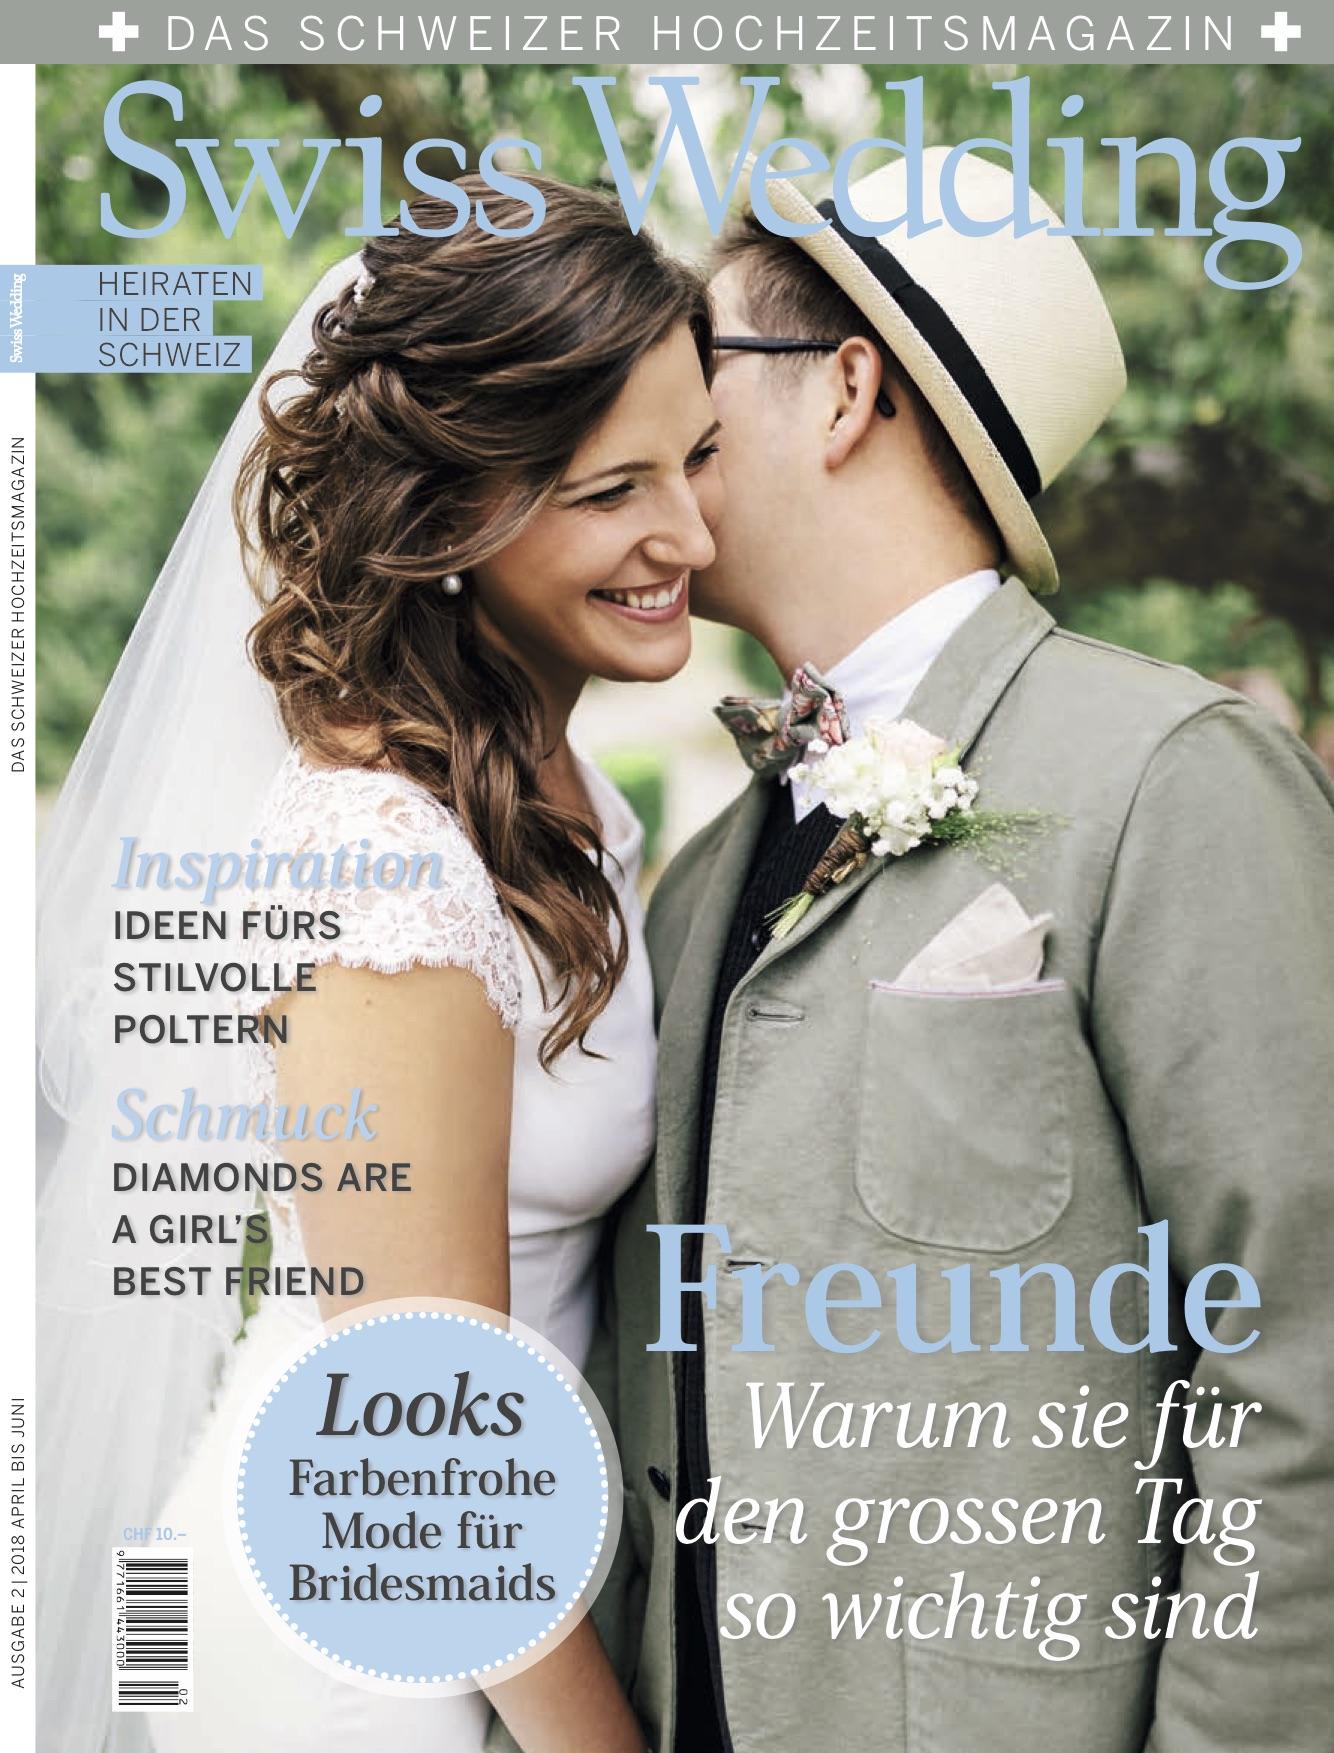 Swiss Wedding - Das schweizer Hochzeitsmagazin